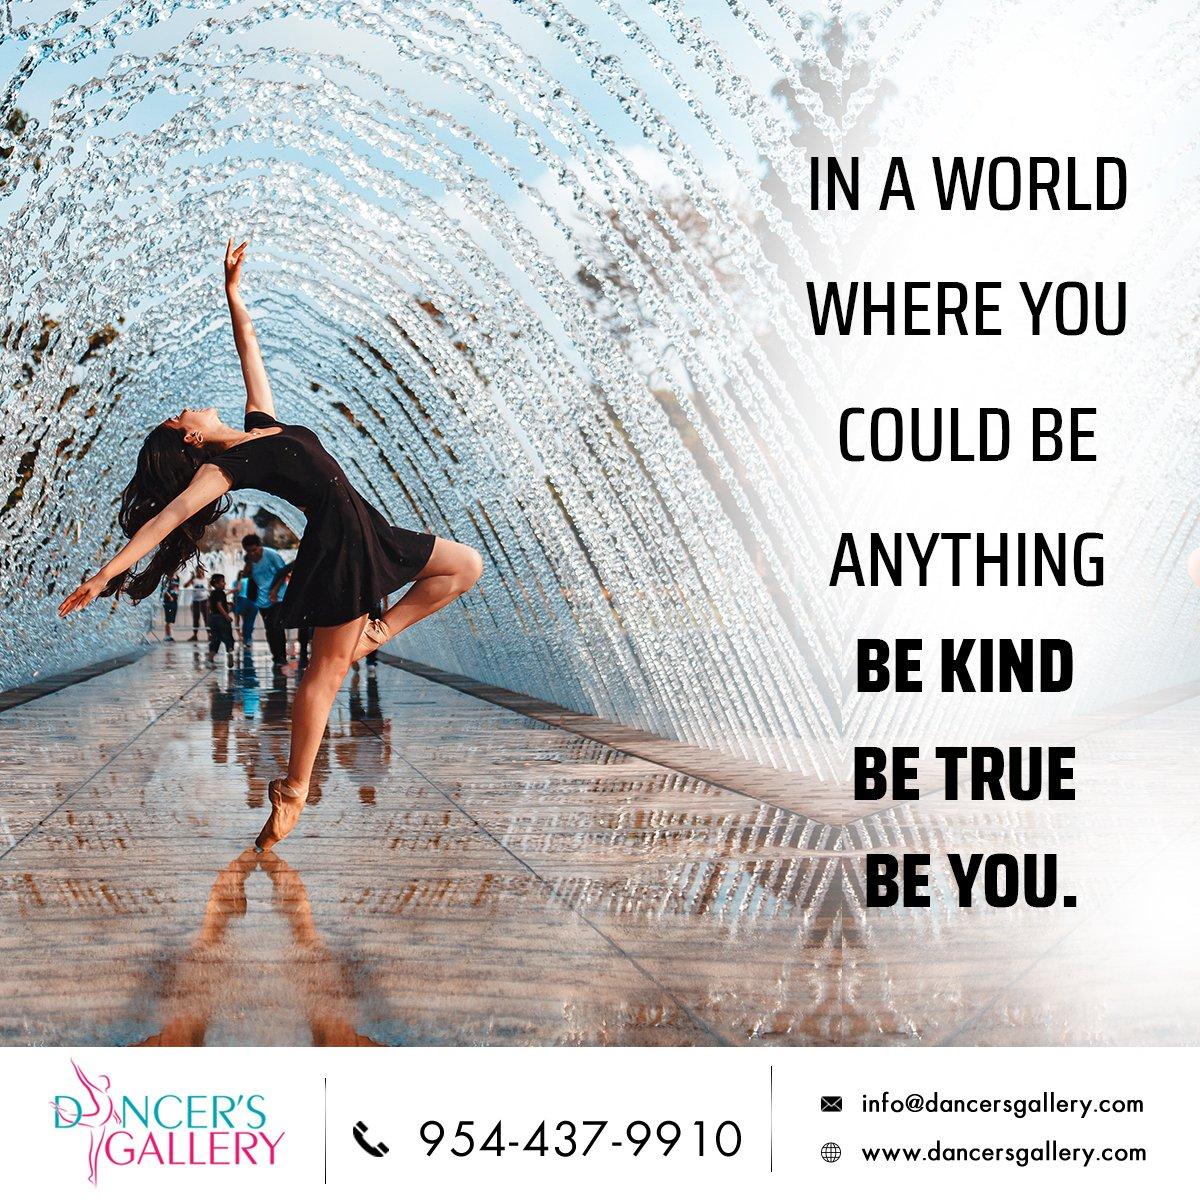 #dancersgallery #danceclasses  #performingartsschool #dancestudio #dancers #dance #dancelove #dancelife #lovedance #coopercity #davie #danceforever #dancestudiocoopercity #dancestudiodavie #amazingdancers #happyteachers https://t.co/8DjxK3euTI